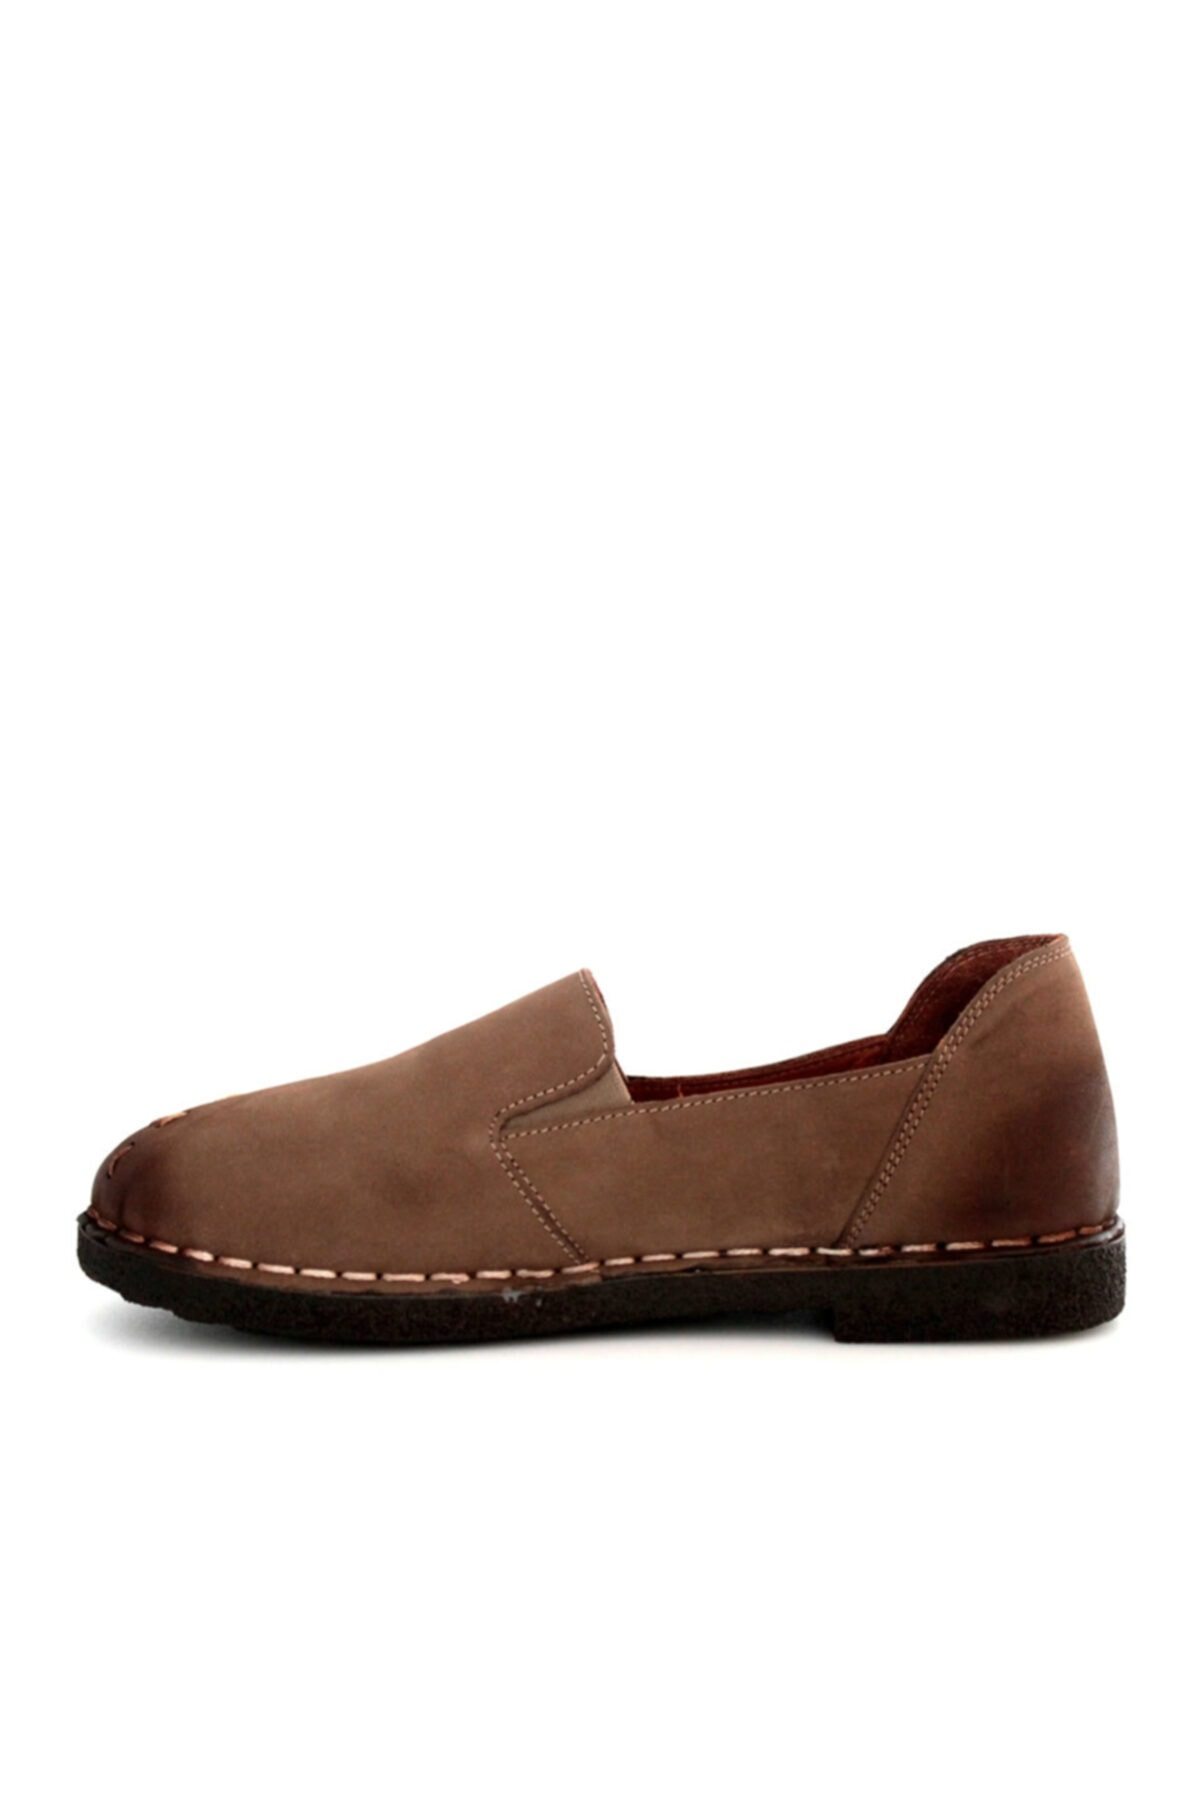 Beta Shoes Kadın Hakiki Deri Ayakkabı Nubuk Vizon 2